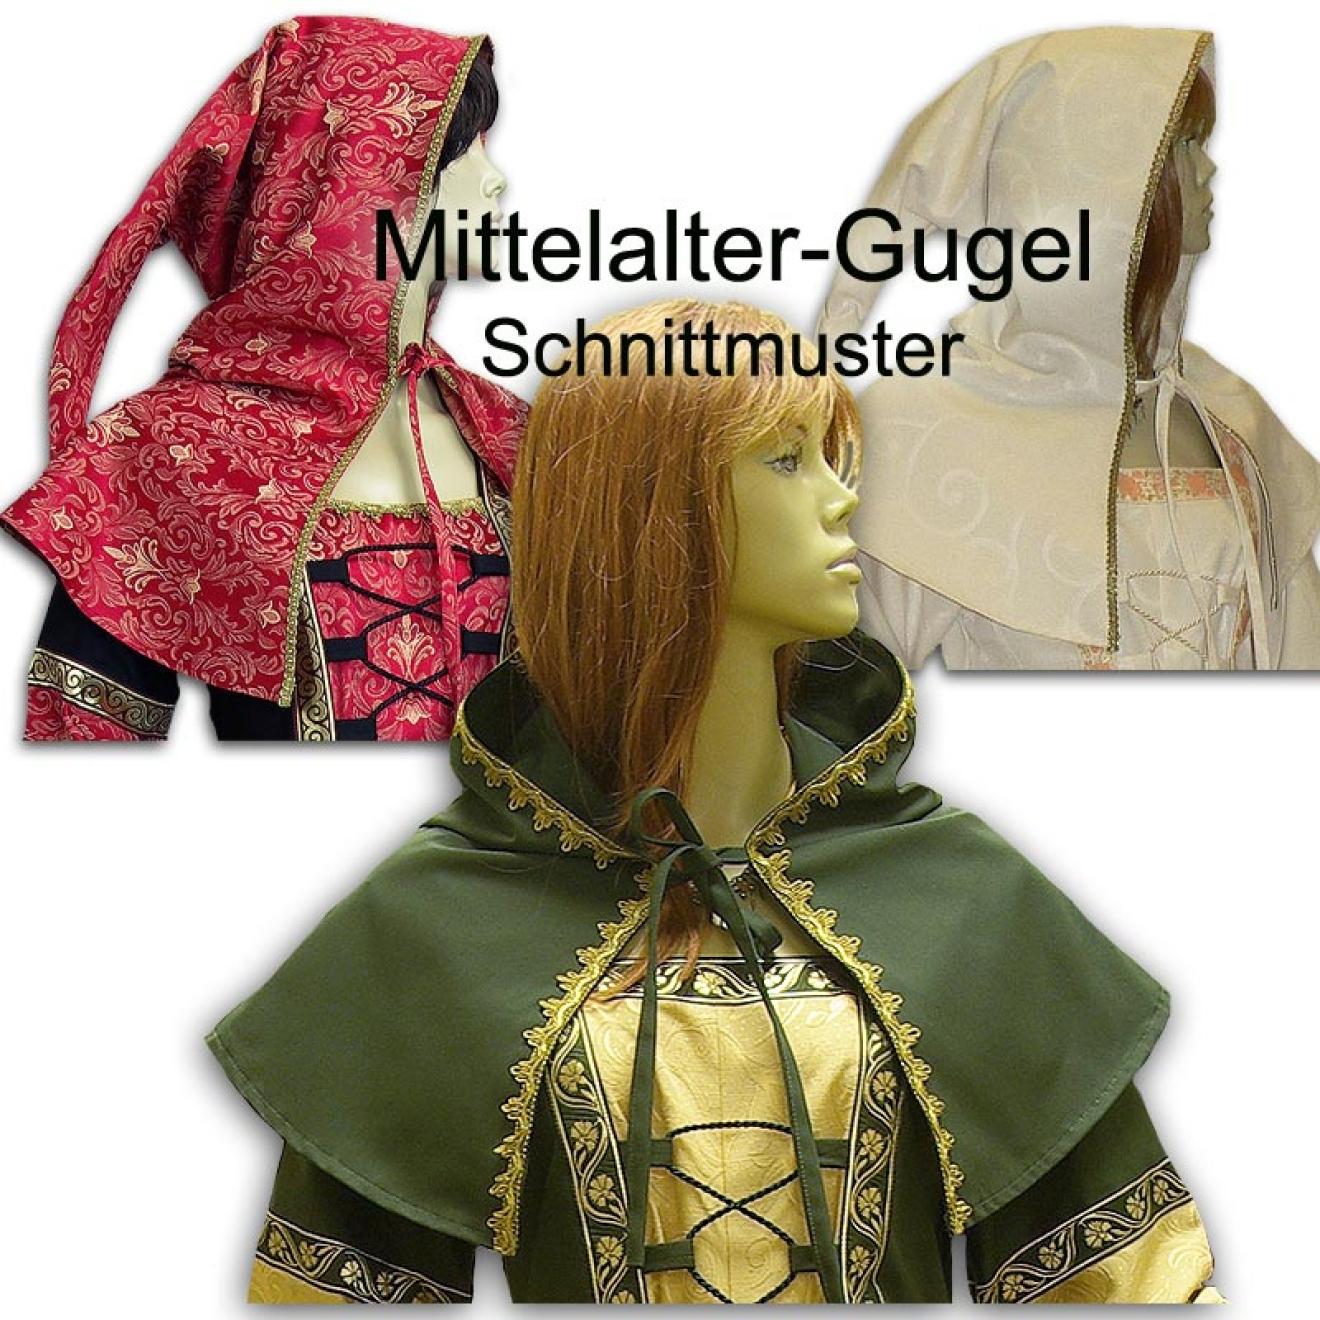 Schnittmuster und Anleitungen für Mittelalter und Larp